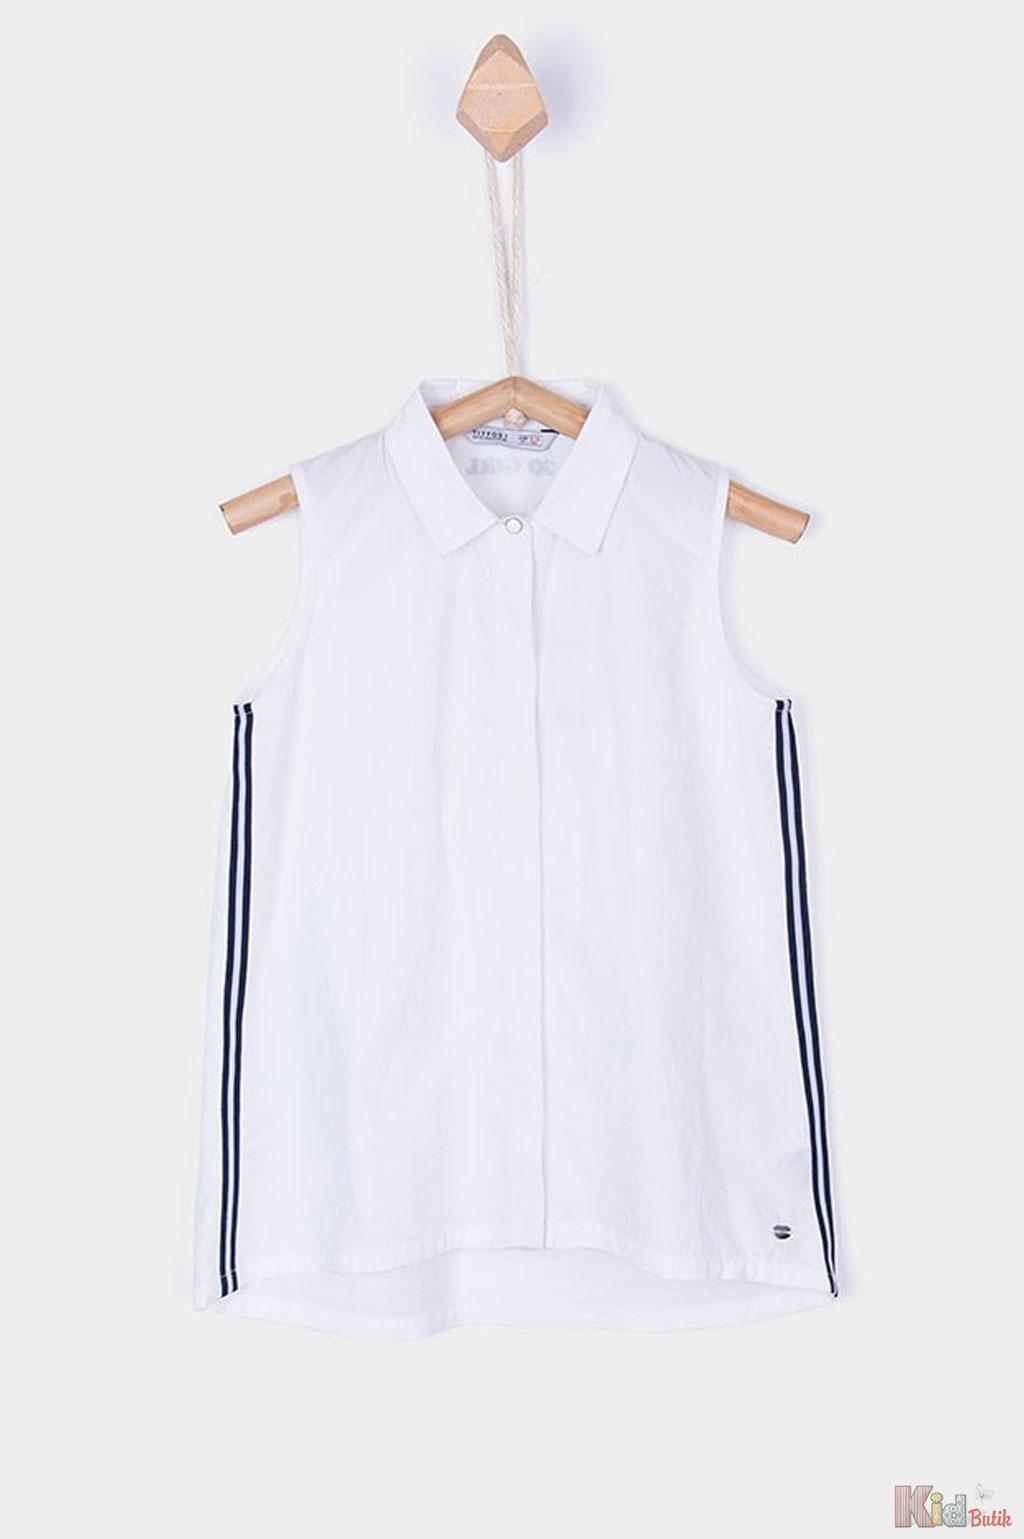 caedcb665b8 ᐈ Рубашка без рукавов расширенная для девочки Tiffosi 5603344260991 ...